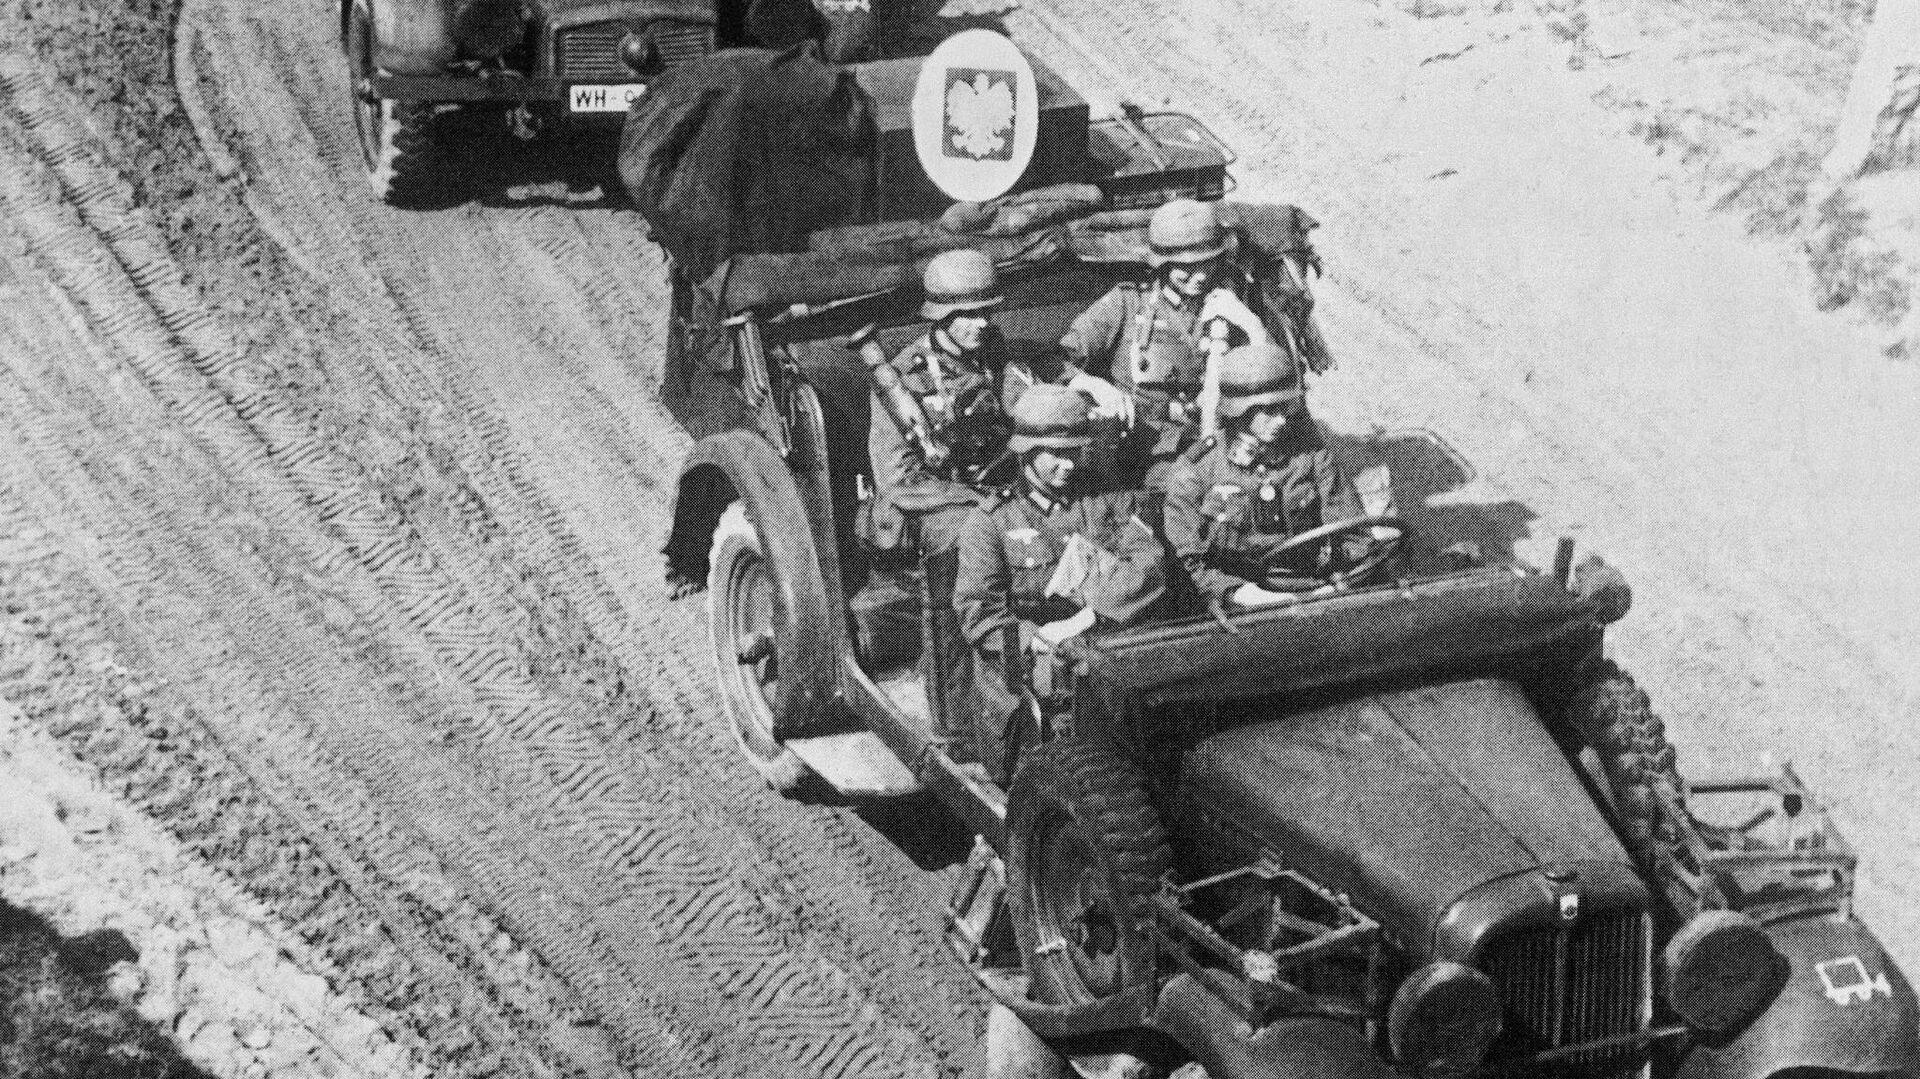 1 сентября 1939 года войска Германии вторгаются в Польшу, начав Вторую мировую войну в Европе - РИА Новости, 1920, 27.01.2021